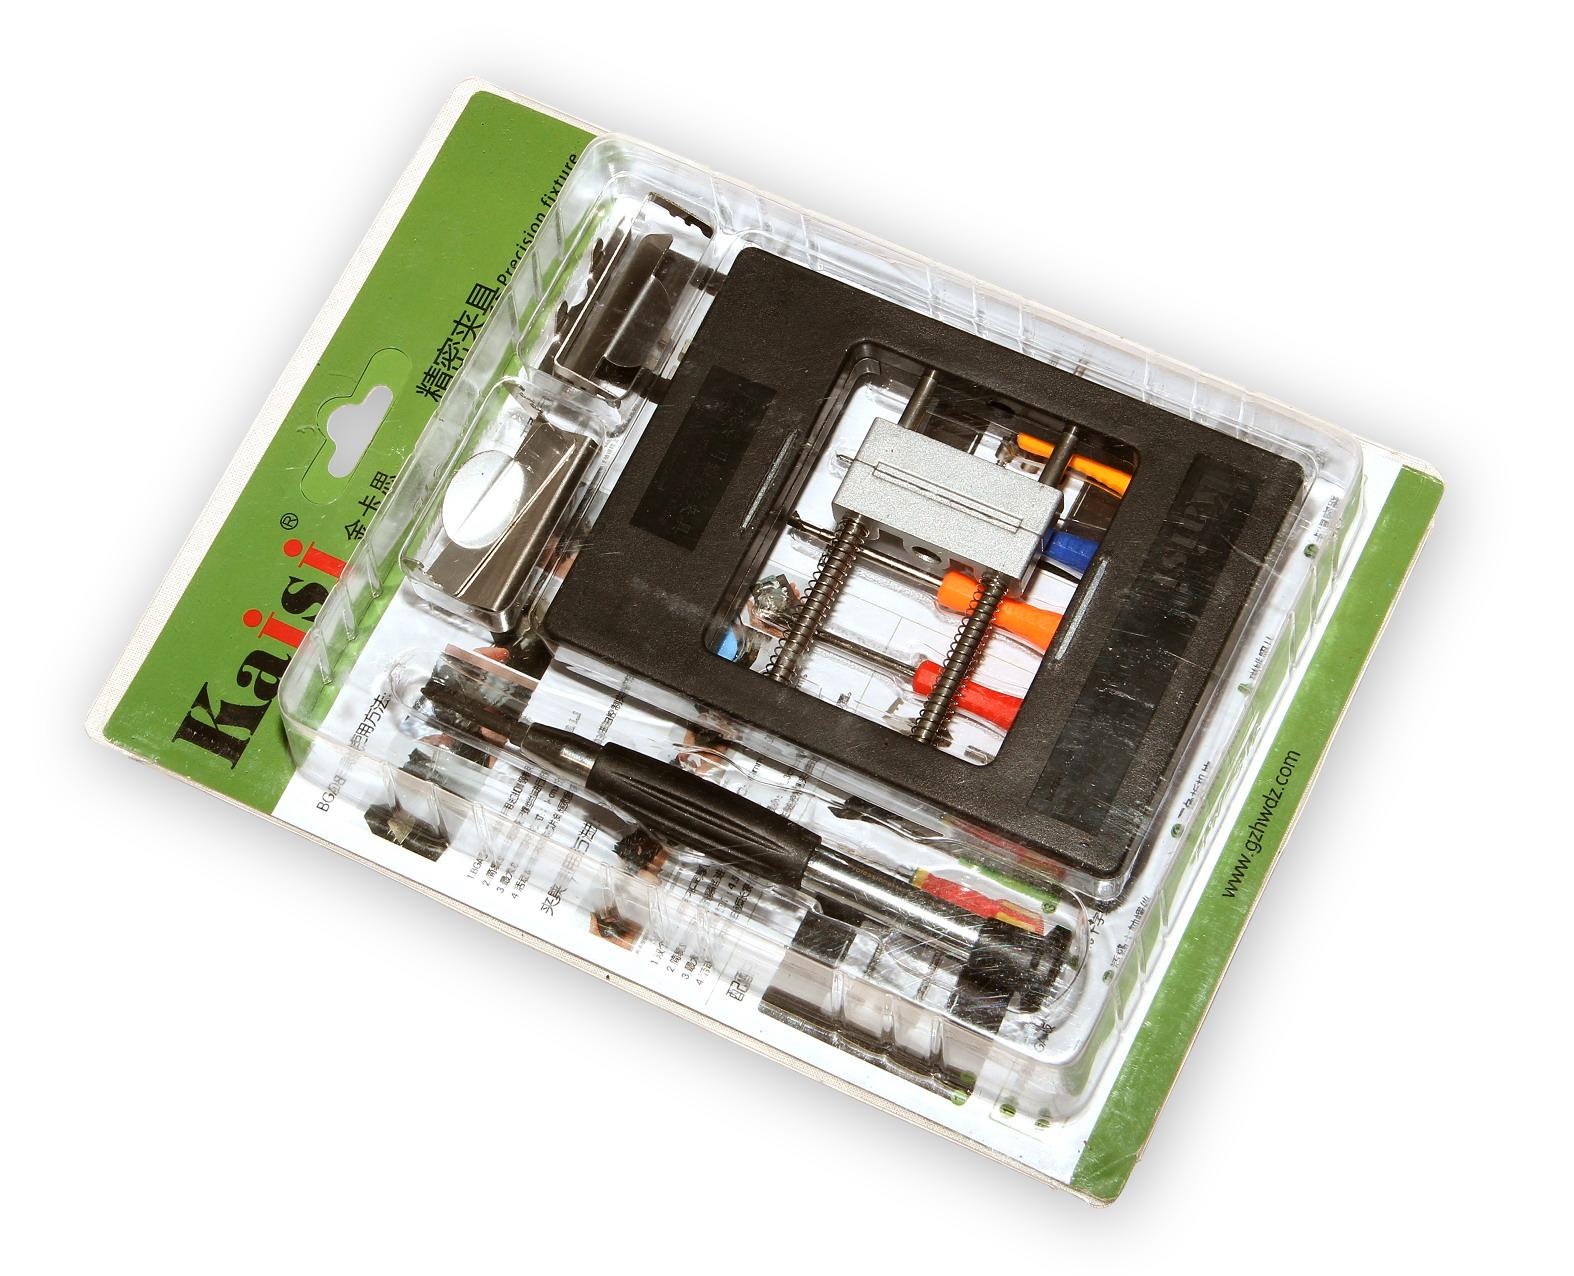 Držák obvodů BGA a desek mobilních telefonů